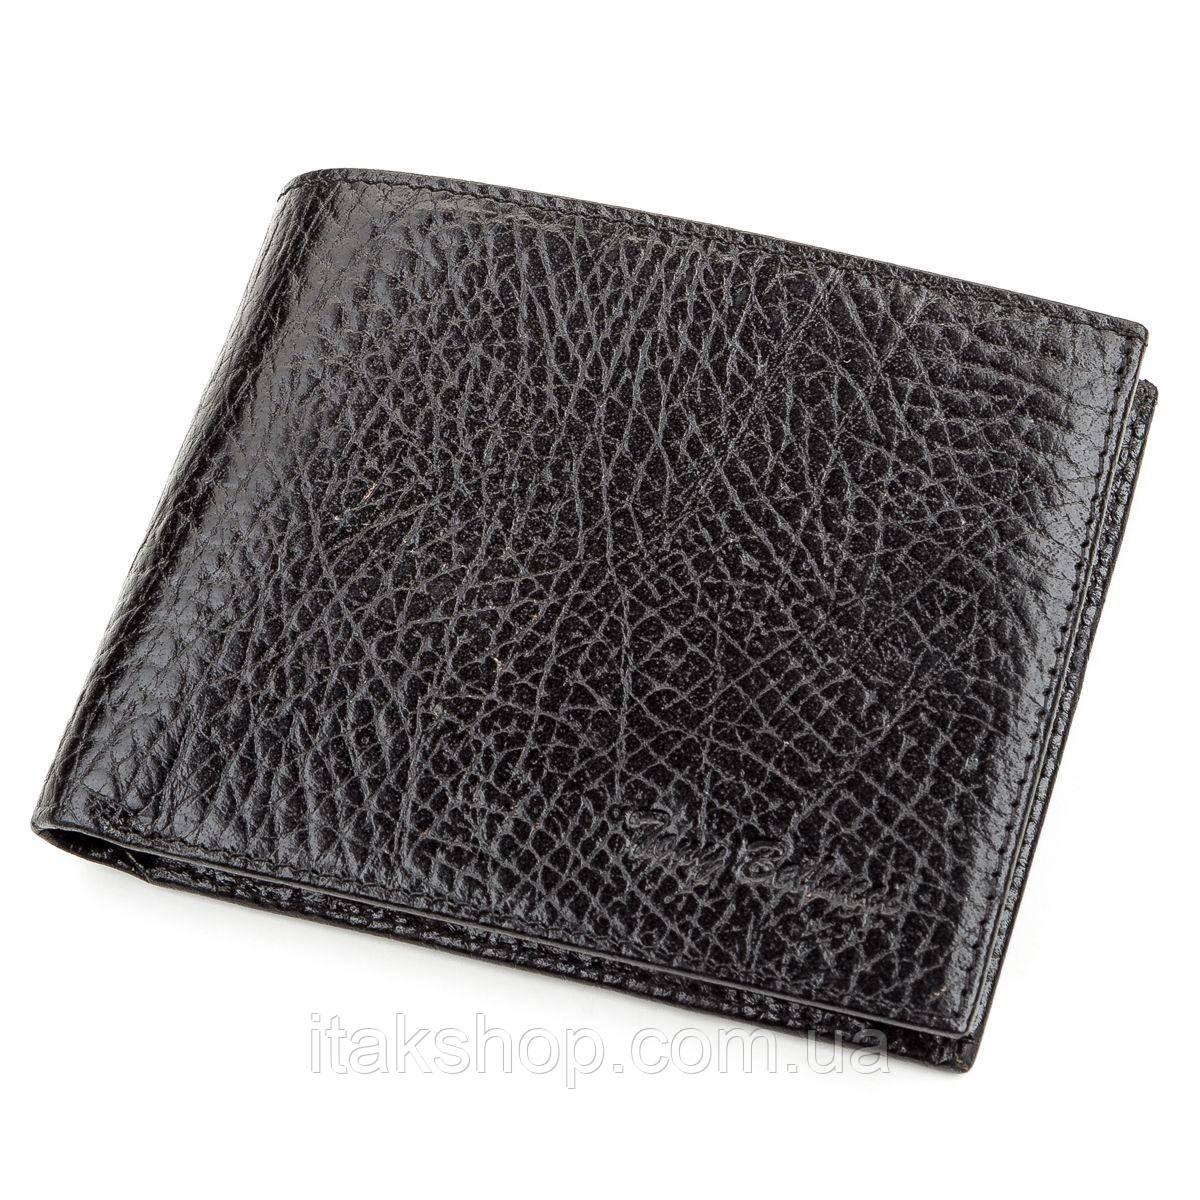 Кошелек мужской Tony Bellucci 17202 кожаный Черный, Черный